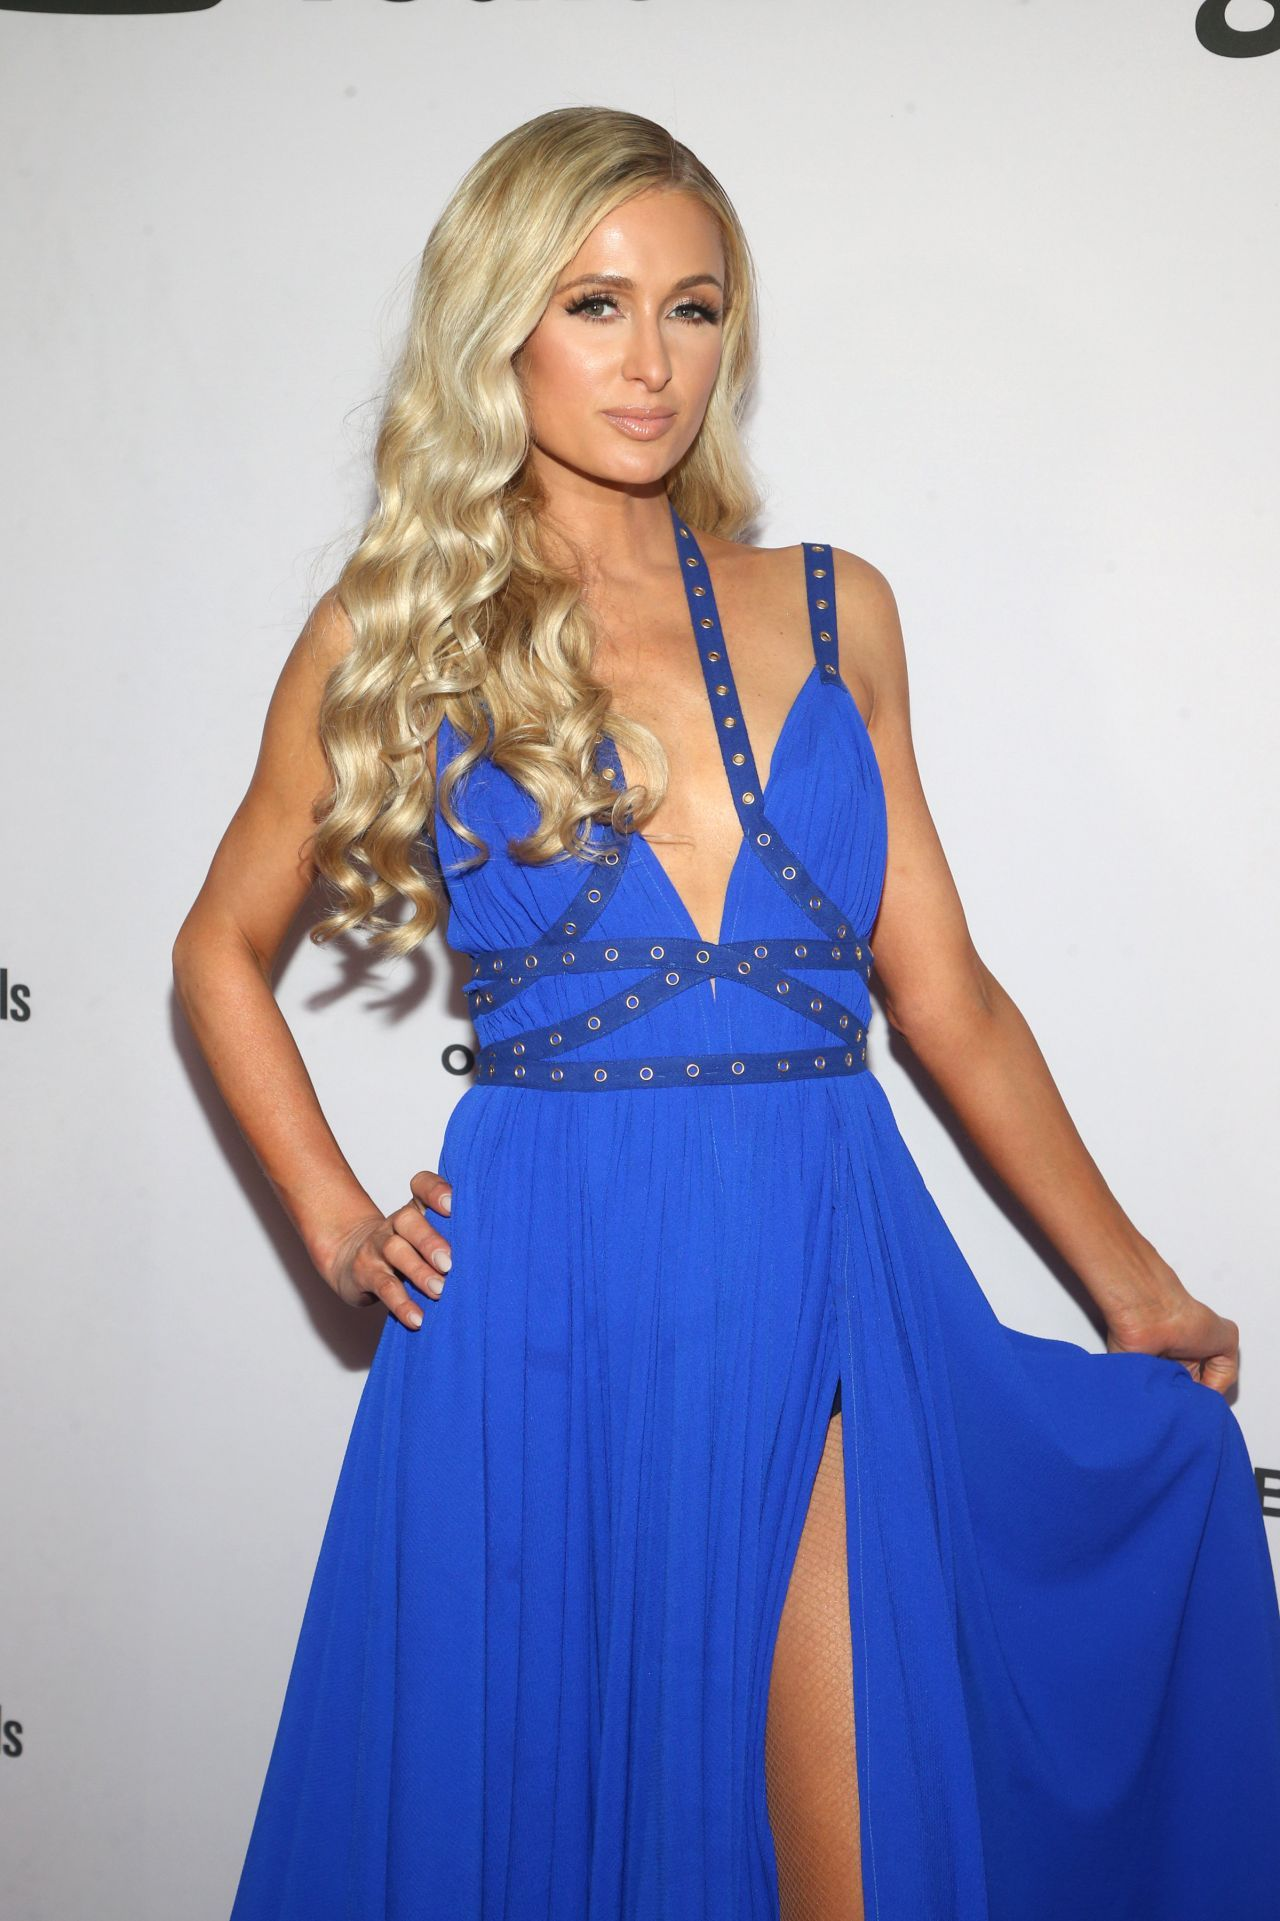 帕丽斯·希尔顿(Paris Hilton) -《贾斯汀·比伯